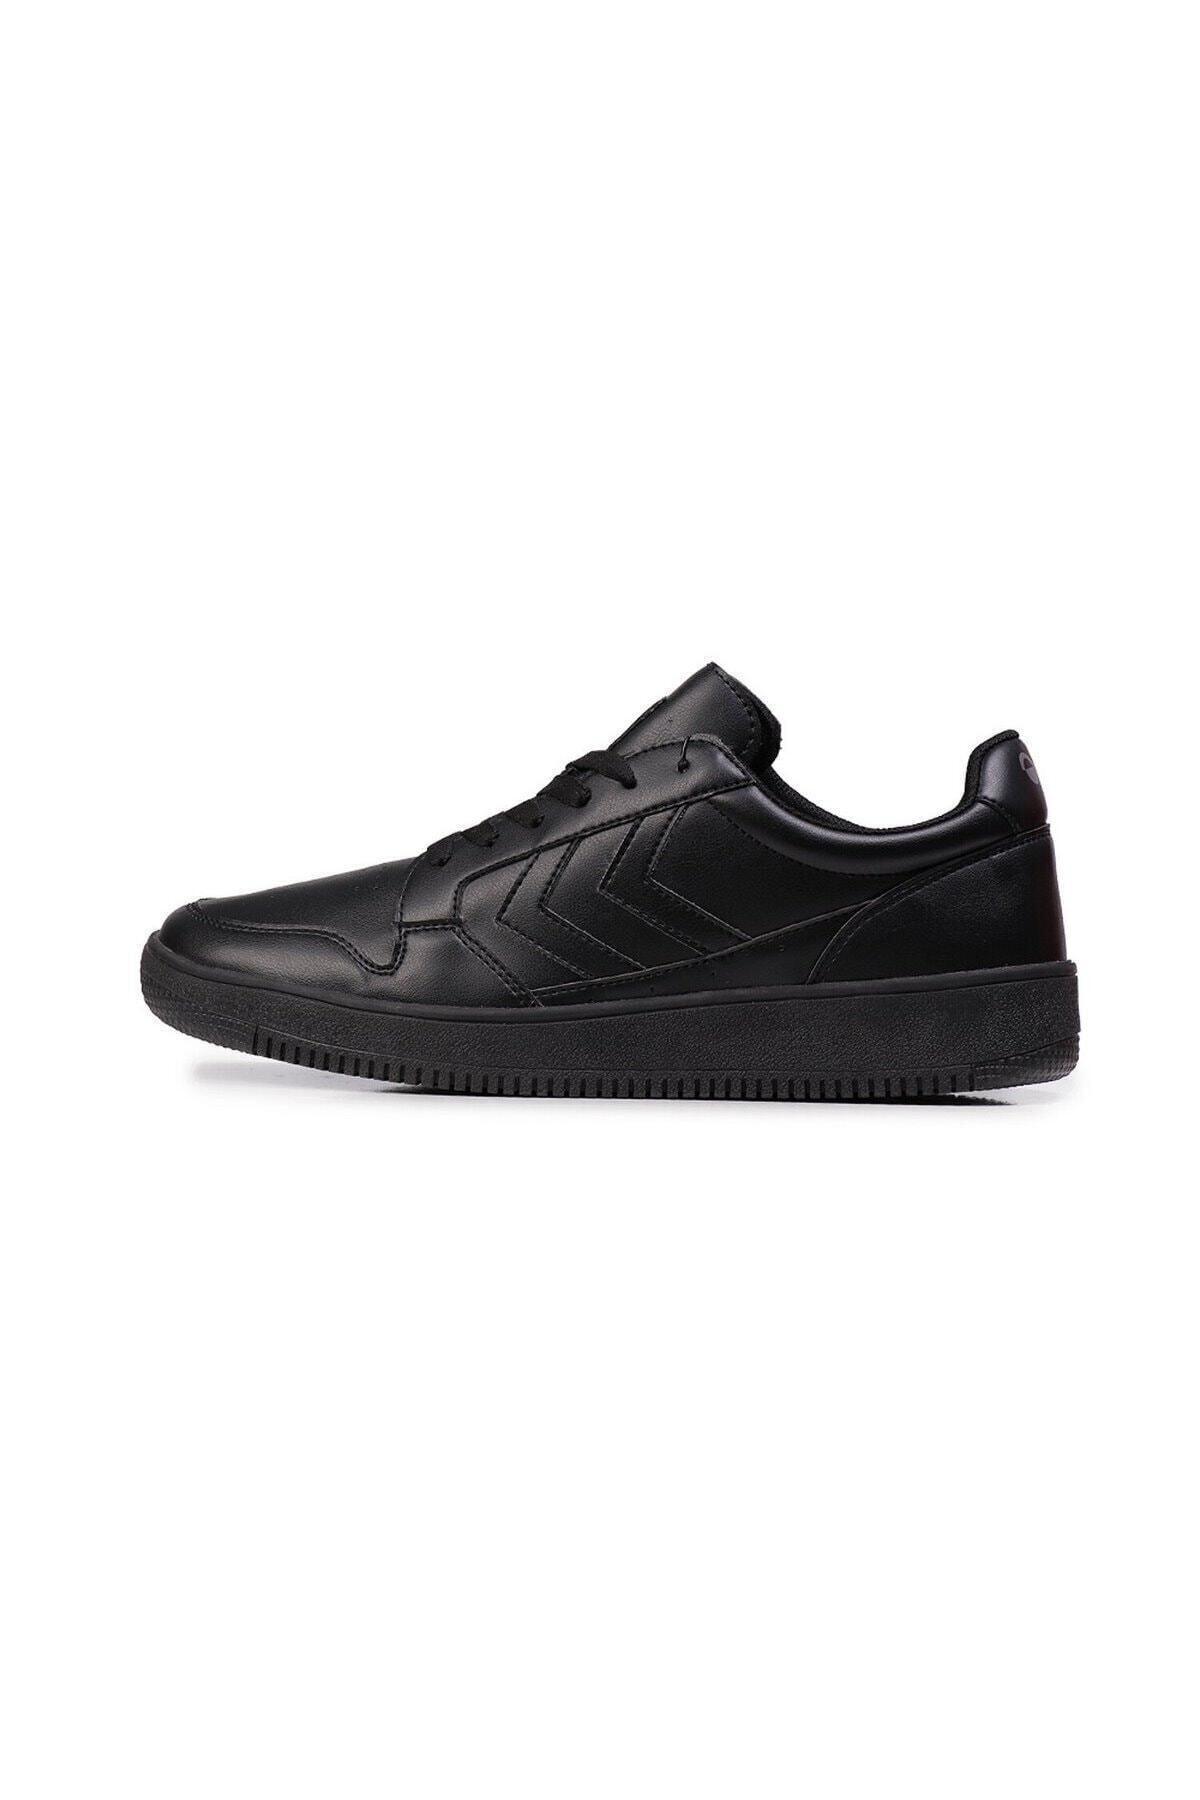 HUMMEL NIELSEN SNEAKER Siyah Erkek Sneaker Ayakkabı 100490263 1